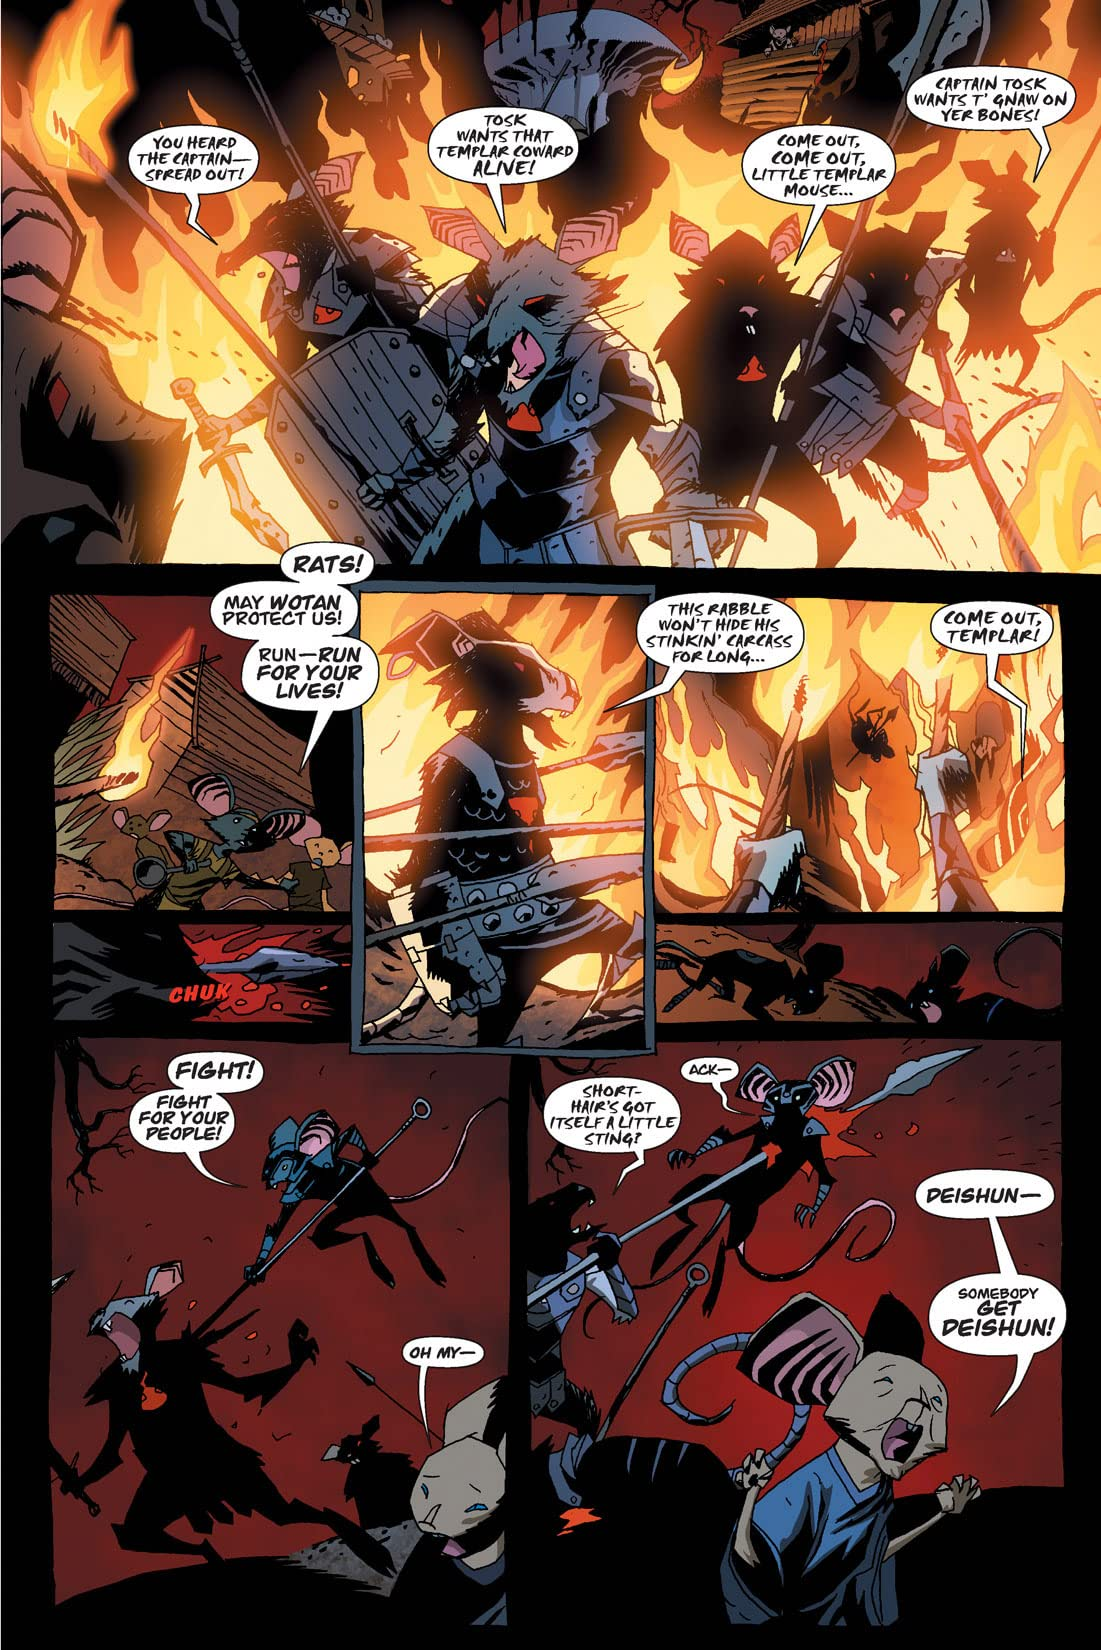 The Mice Templar Vol. 1 #2